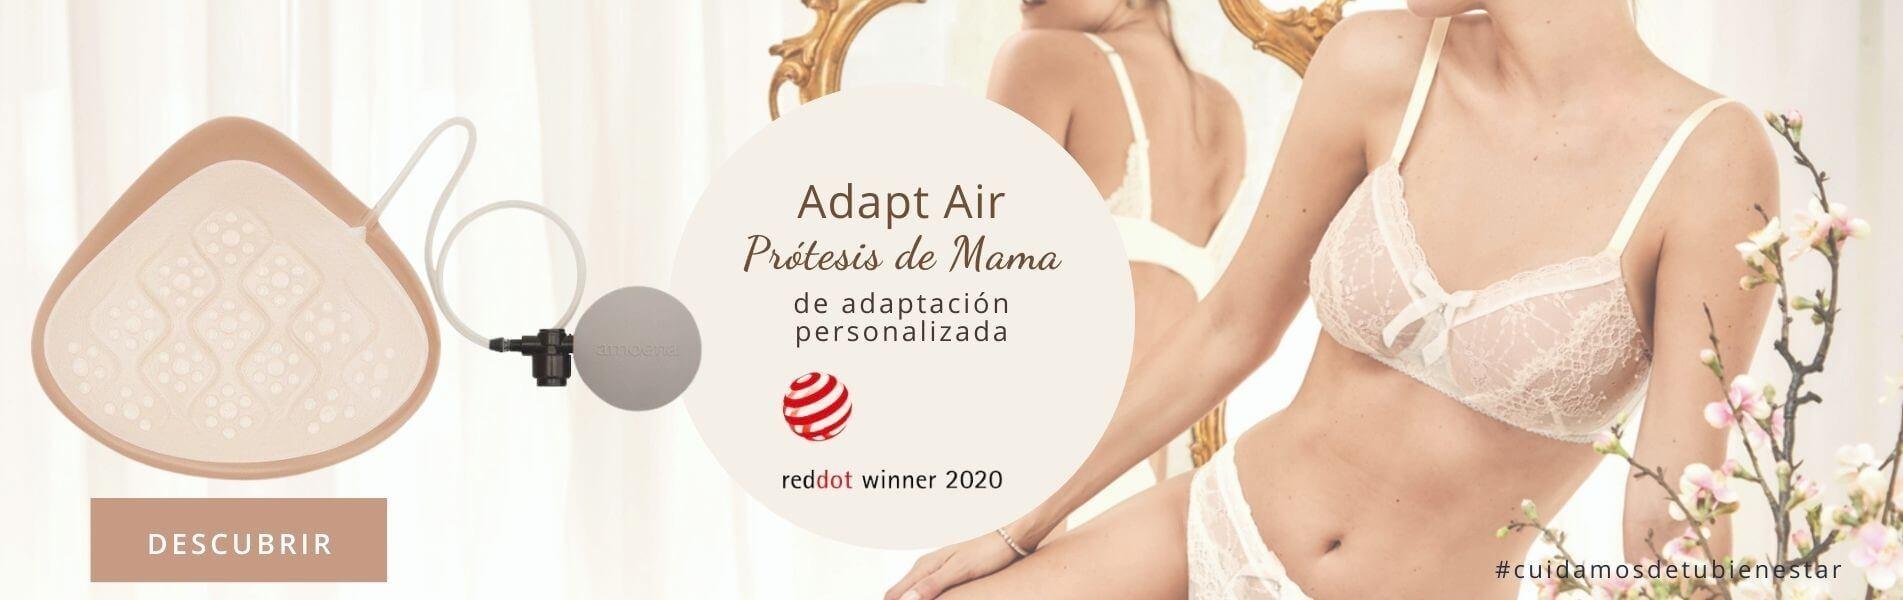 Prótesis adaptables Amoena Adapt Air